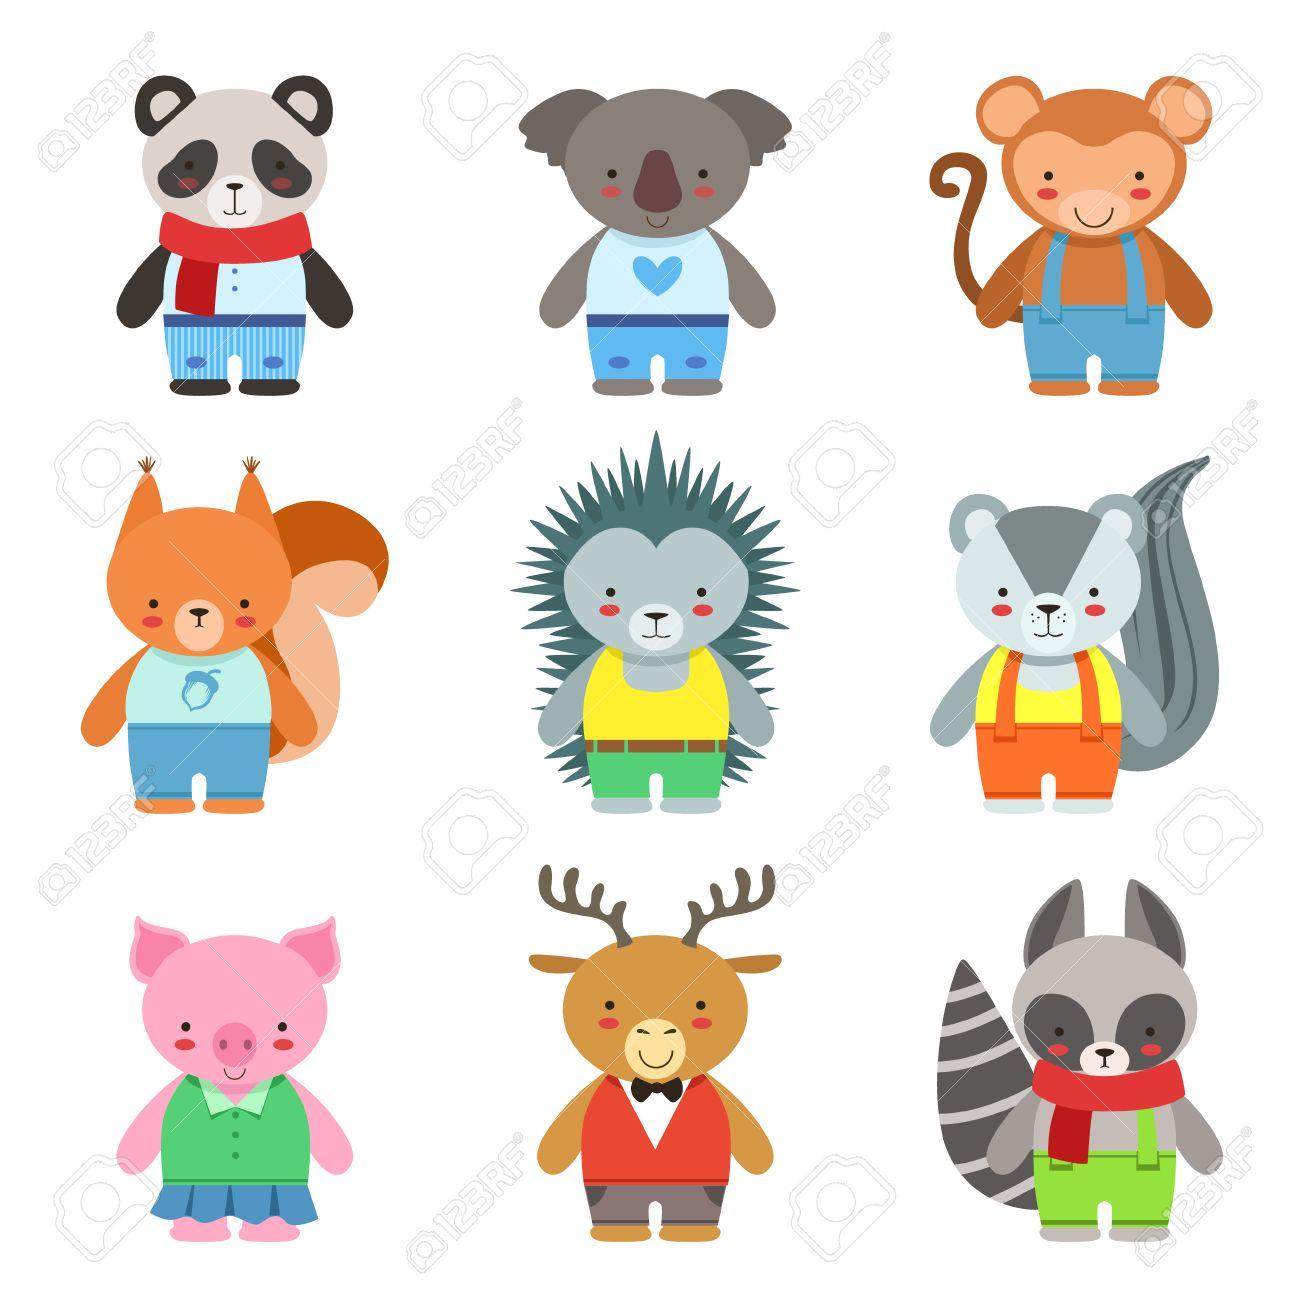 d637e7c5f92ce Animales de juguete vestido como personajes para niños Set. Infantiles de  dibujos animados lindo del